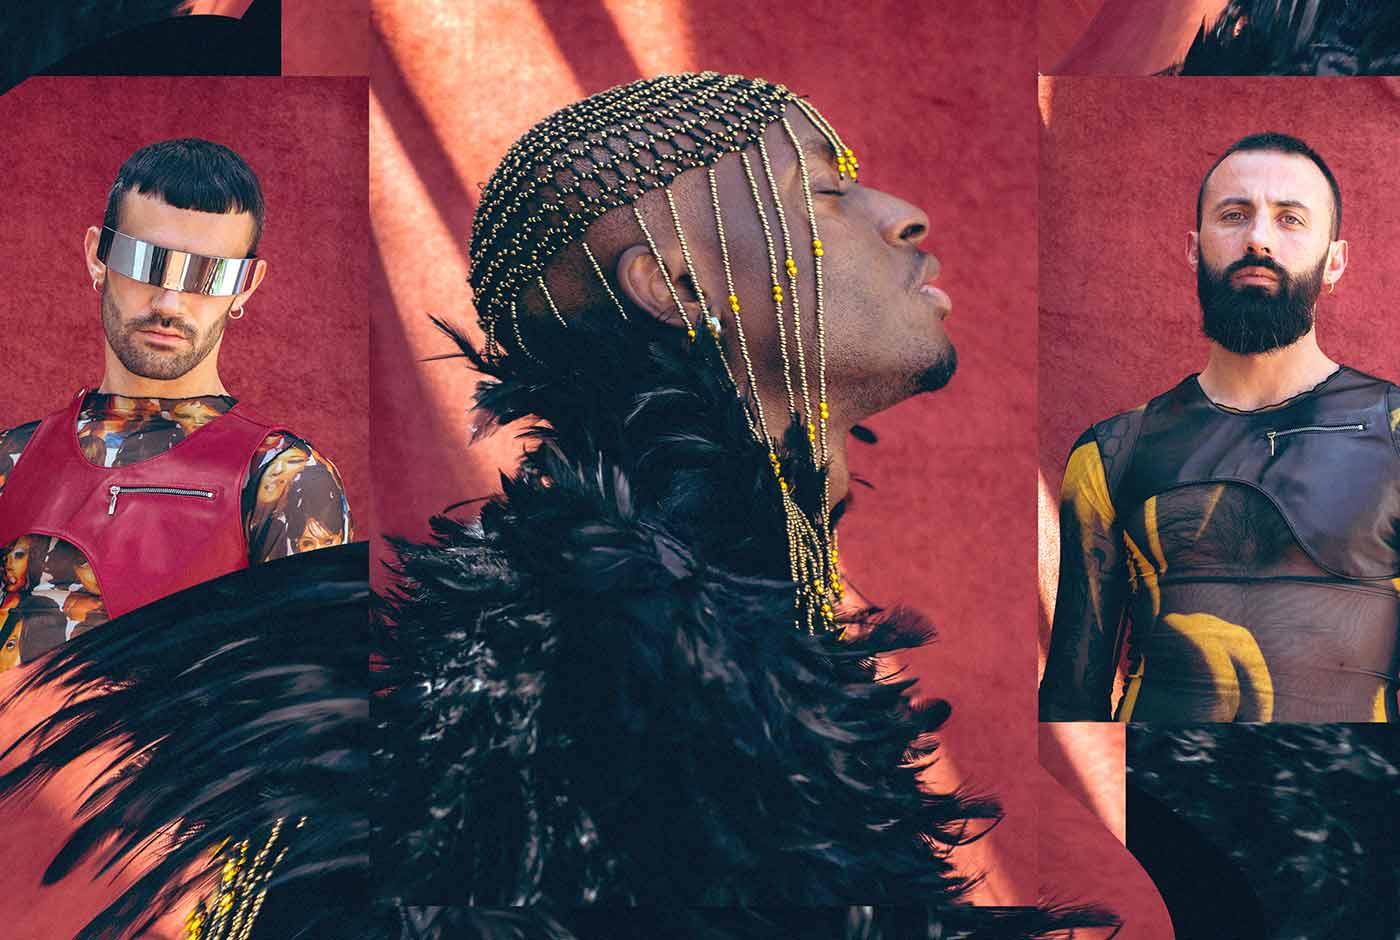 Egosex presentan un nuevo espectáculo en la Fabra i Coats